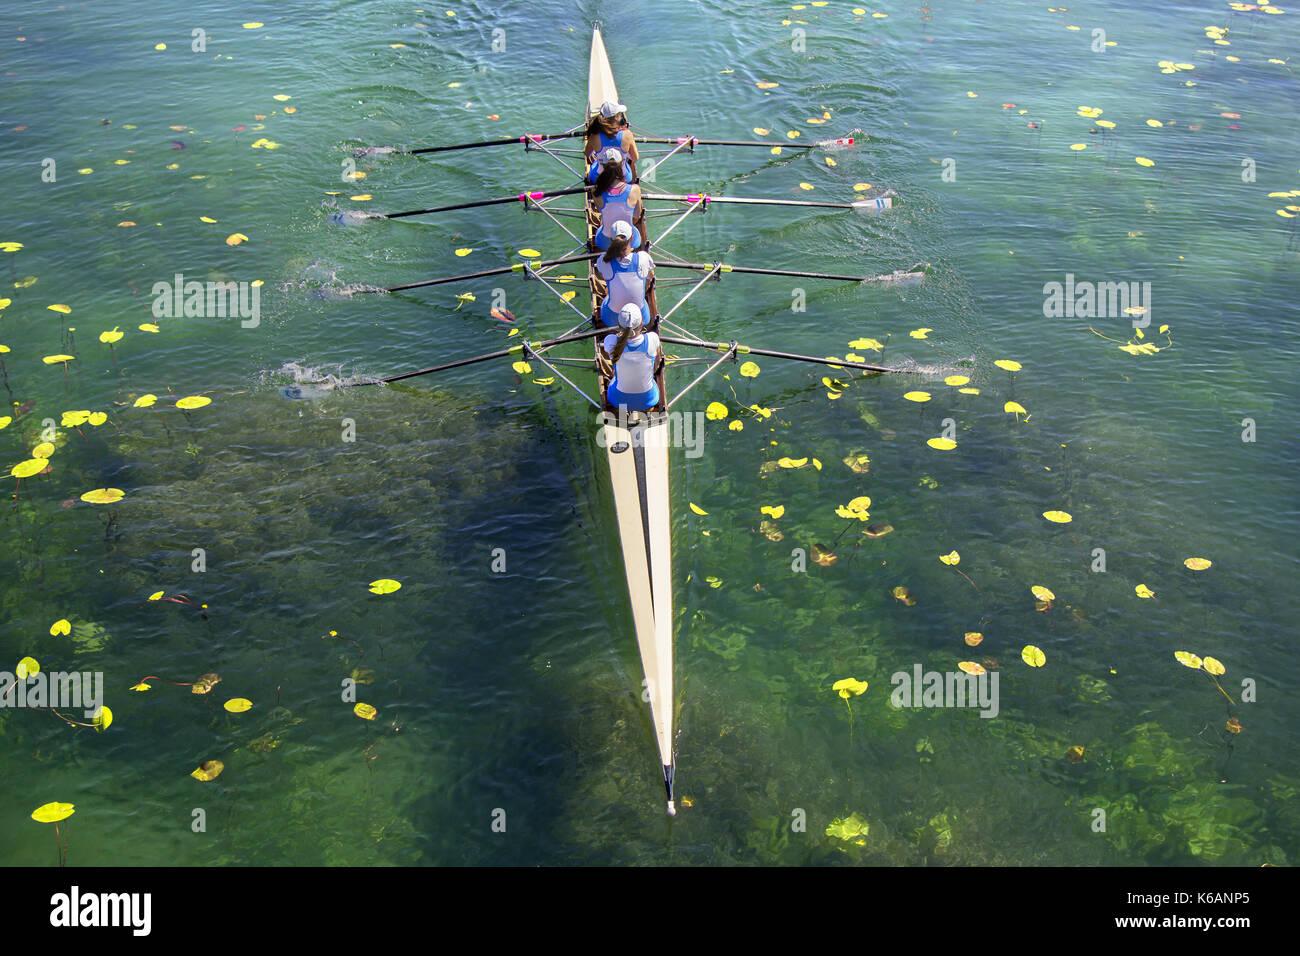 Meine Damen fours rudernde Mannschaft im Rennen auf dem See Stockbild